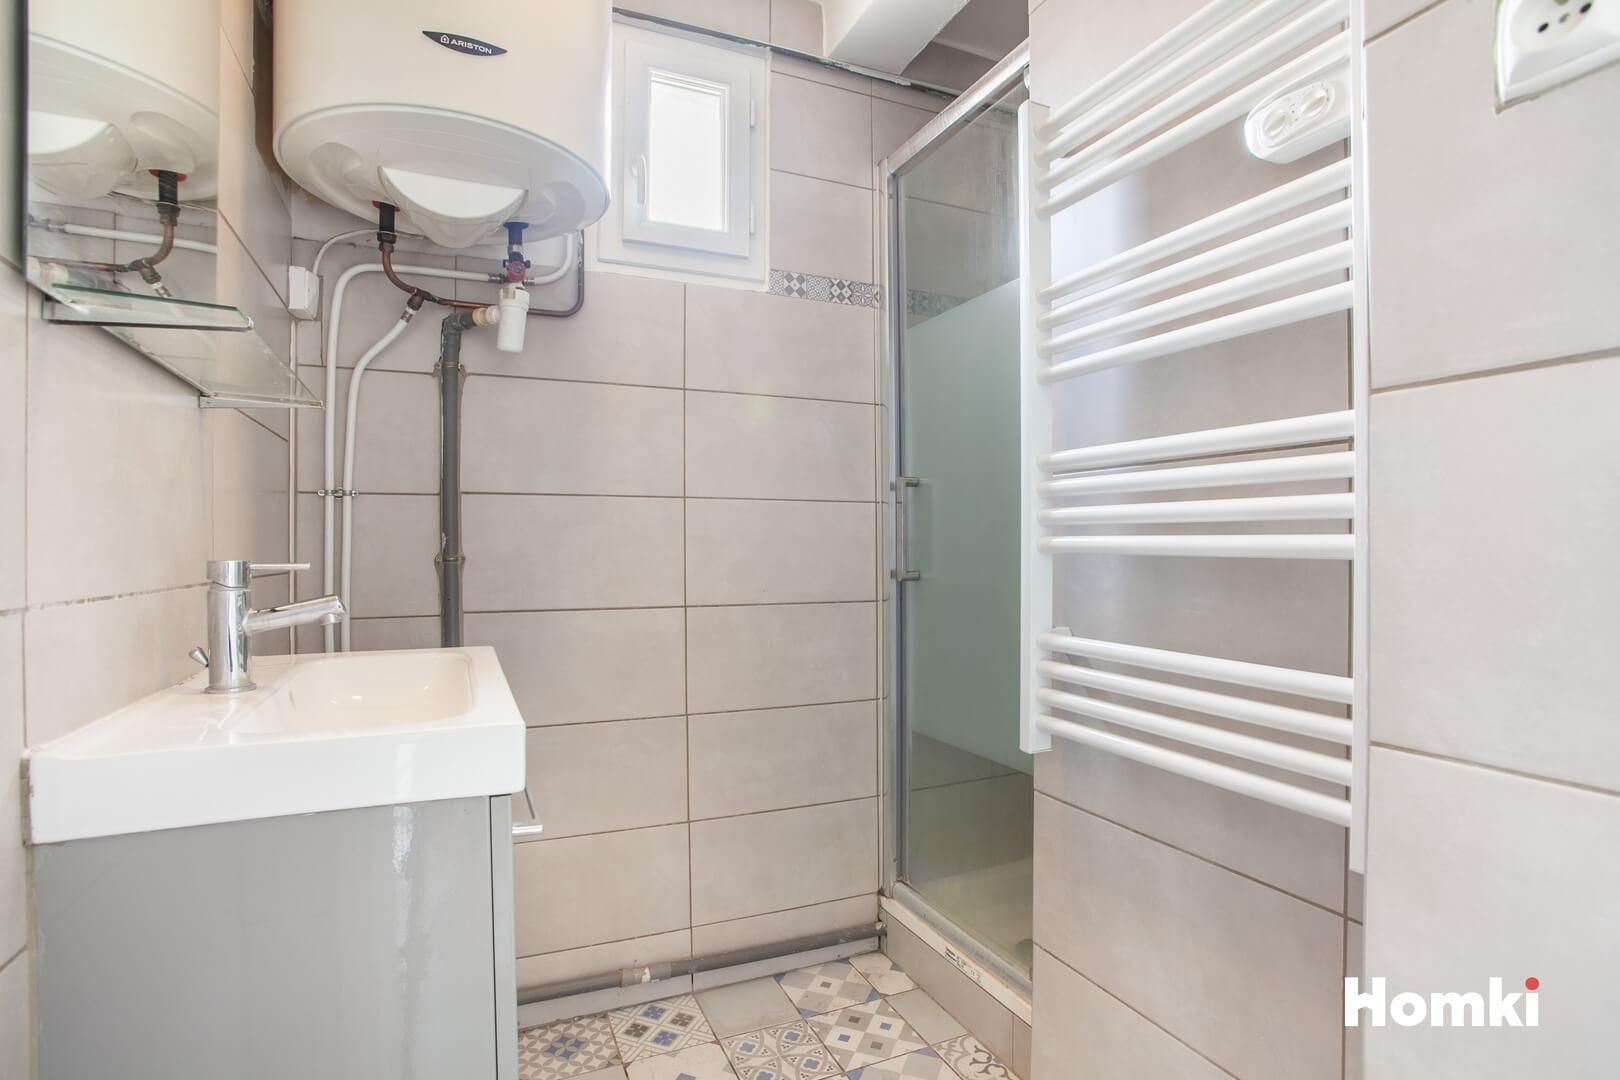 Homki - Vente Appartement  de 53.55 m² à Marseille 13009